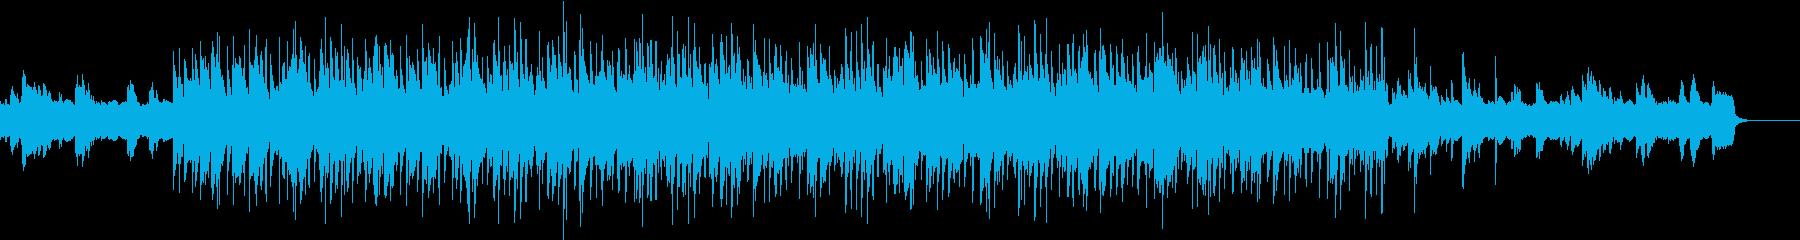 心弾む陽気なBGMの再生済みの波形